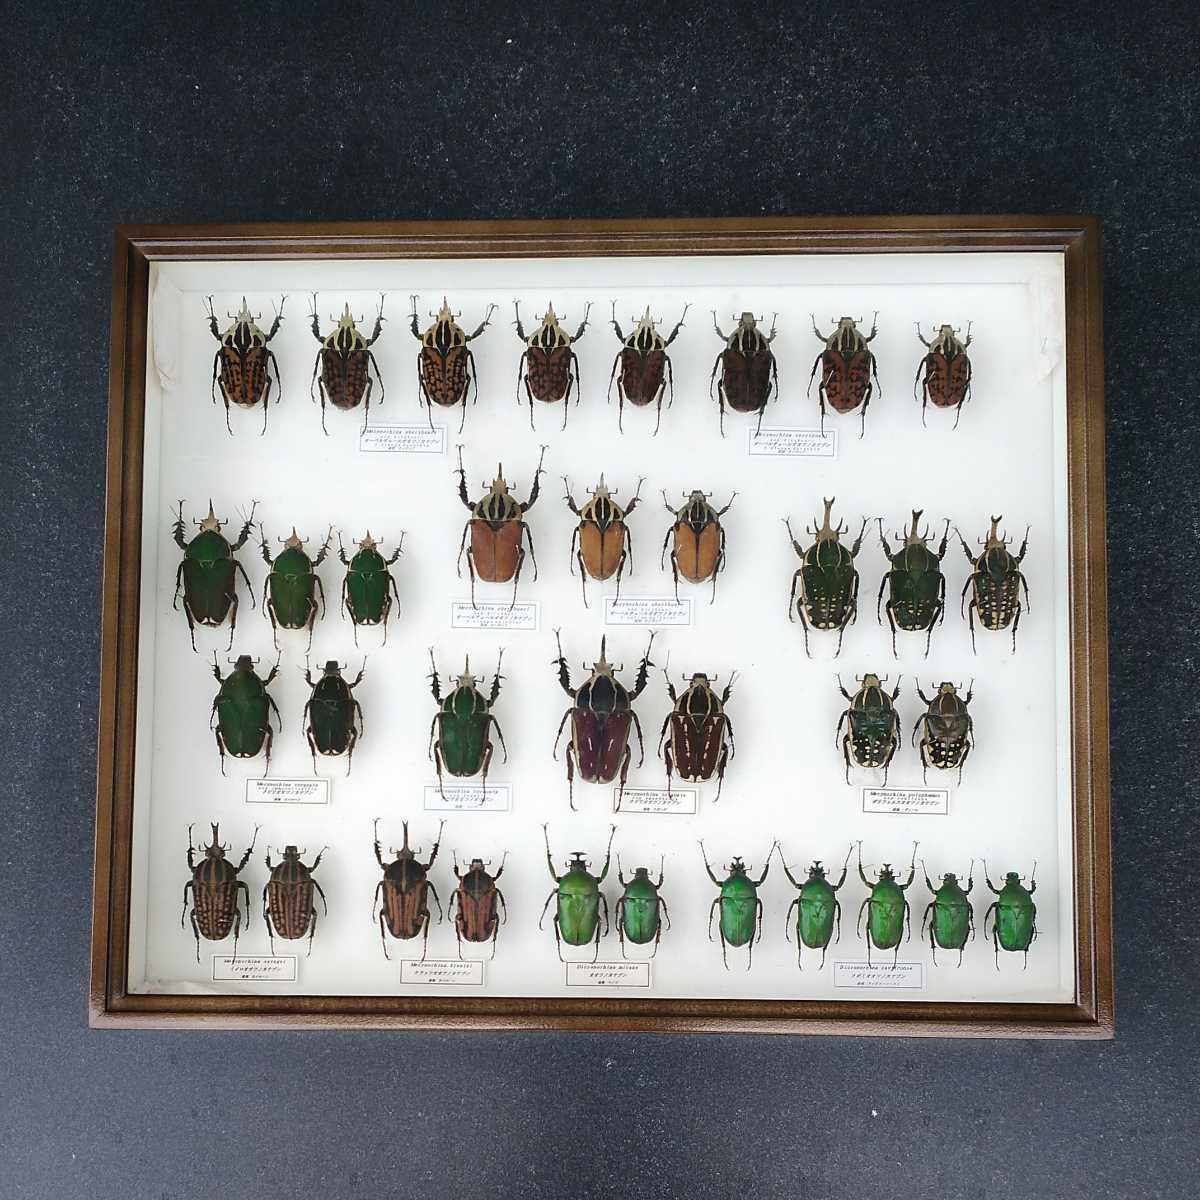 値段交渉OK 昆虫標本 カナブン No2 35頭 ドイツ箱_画像1